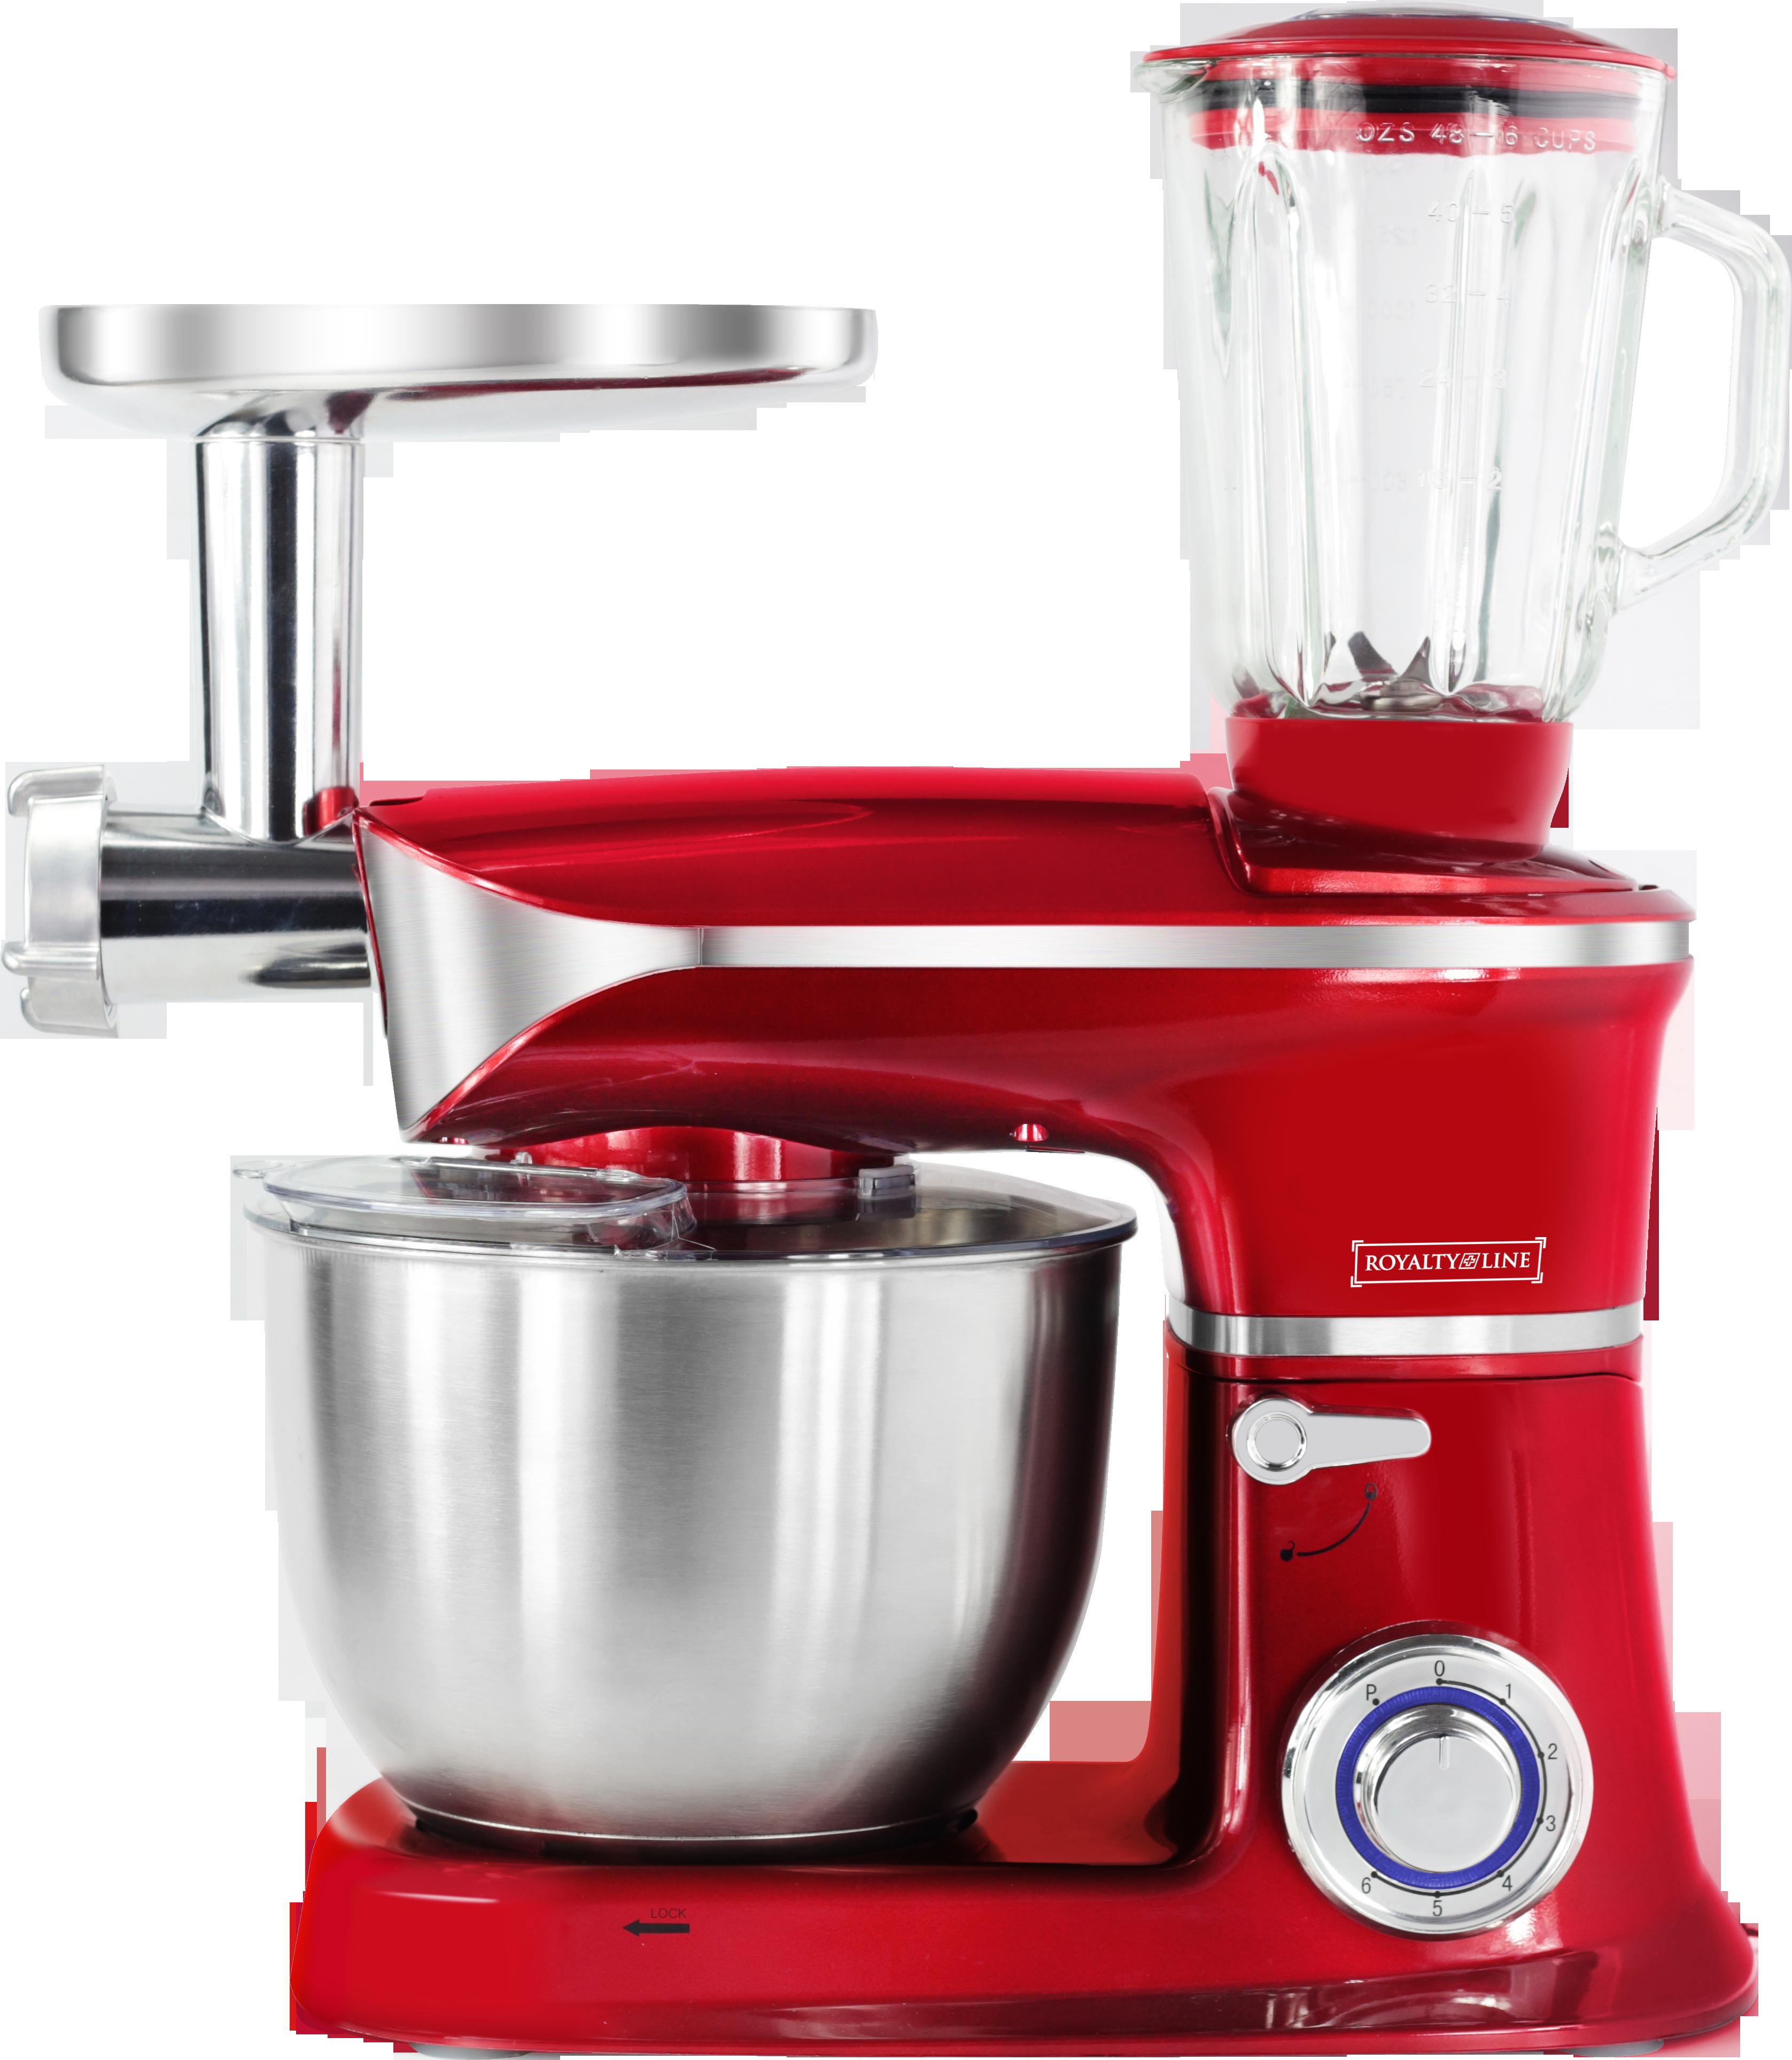 https://www.msy.be/images/Image/Royalty-Line-PKM-19007BG-Robot-de-cuisine-3-en-1-avec-19.png